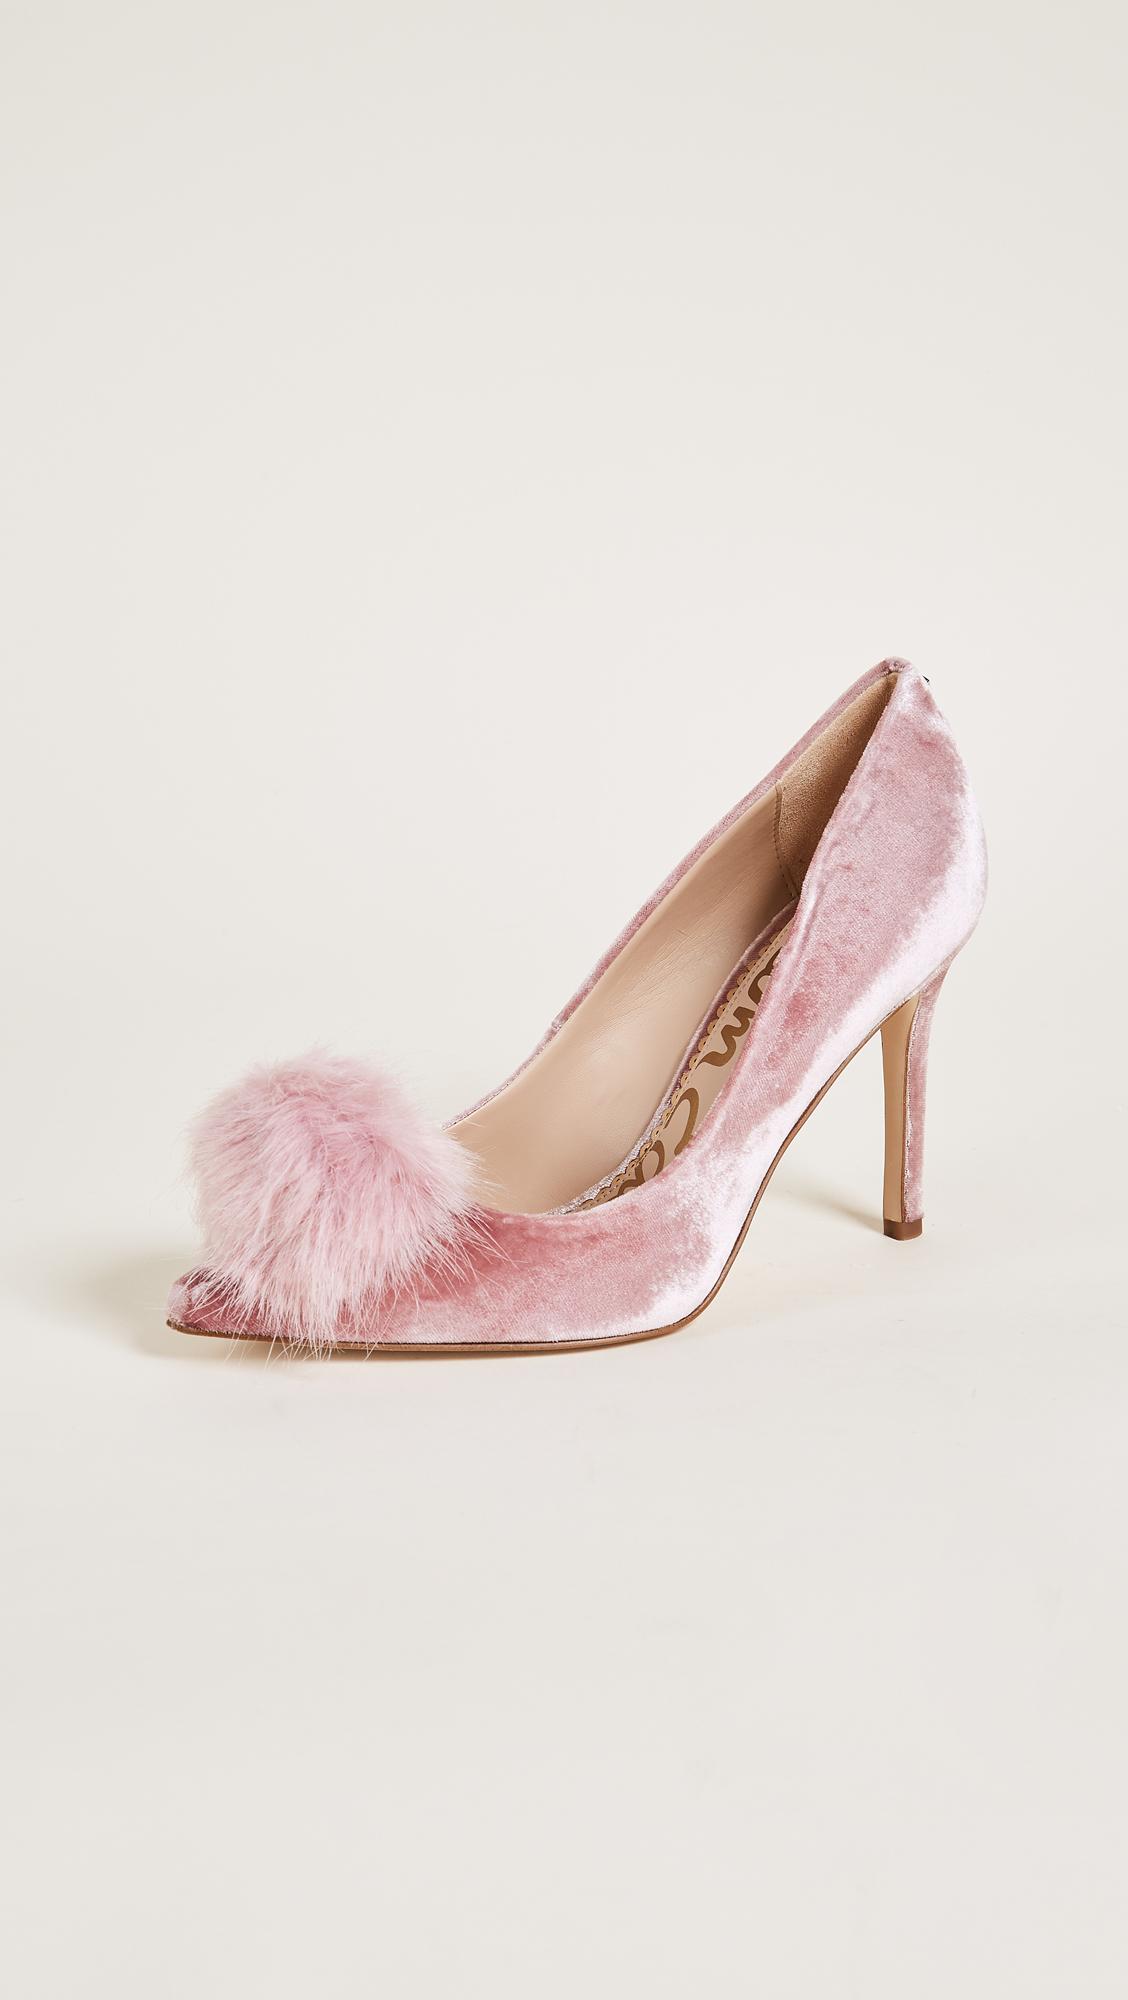 shop designer wedding shoes online